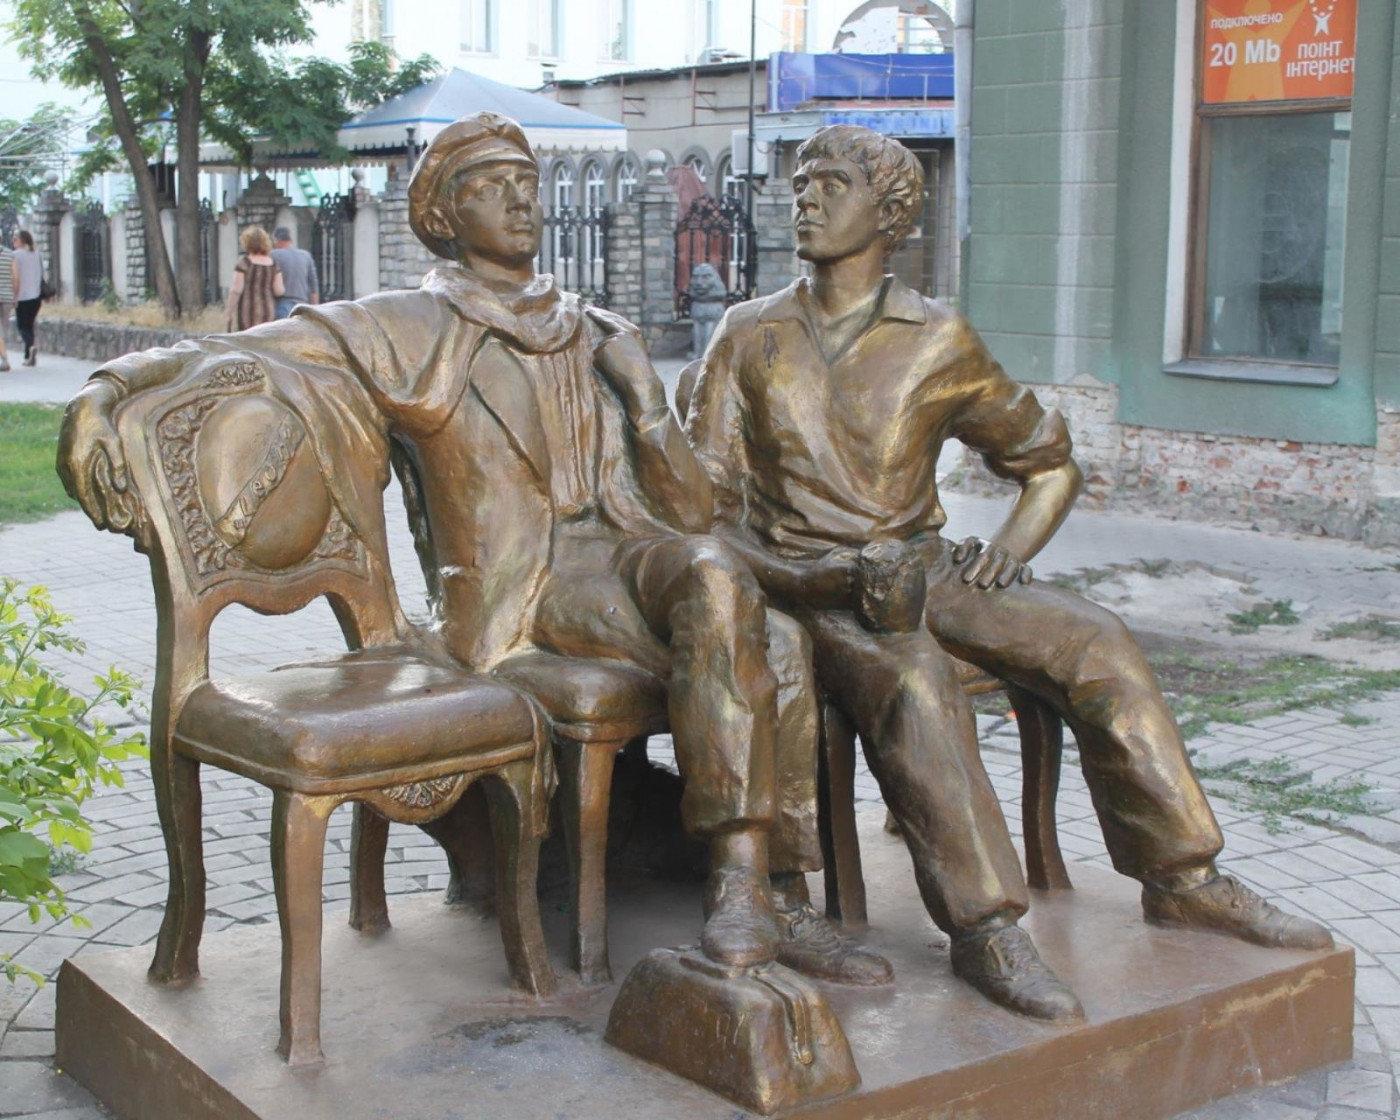 Помічник для мандрівників - гід по Бердянську!, фото-135